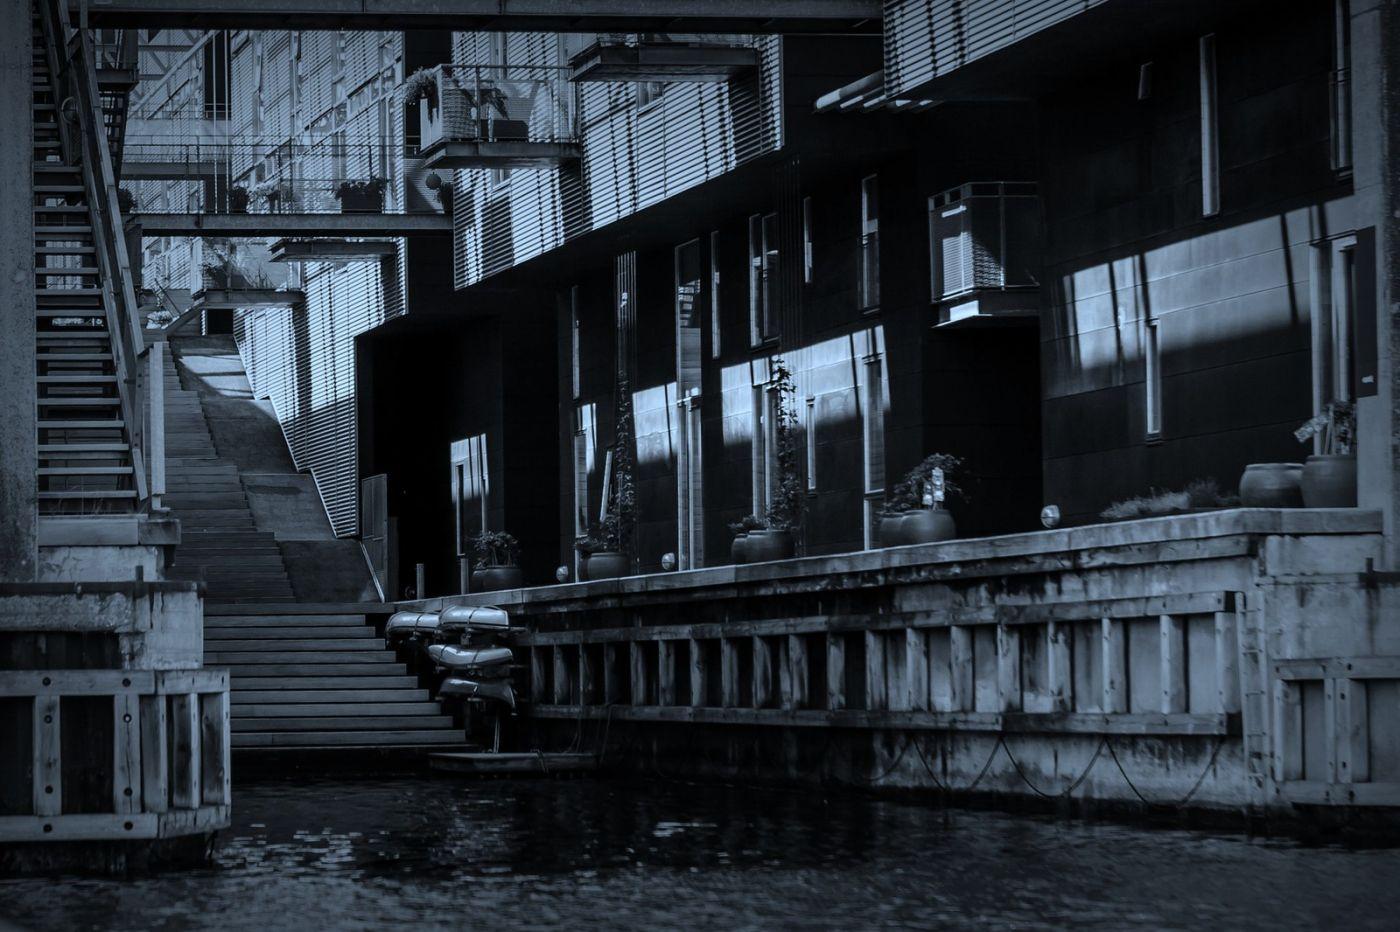 丹麦哥本哈根,坐船看市景_图1-17